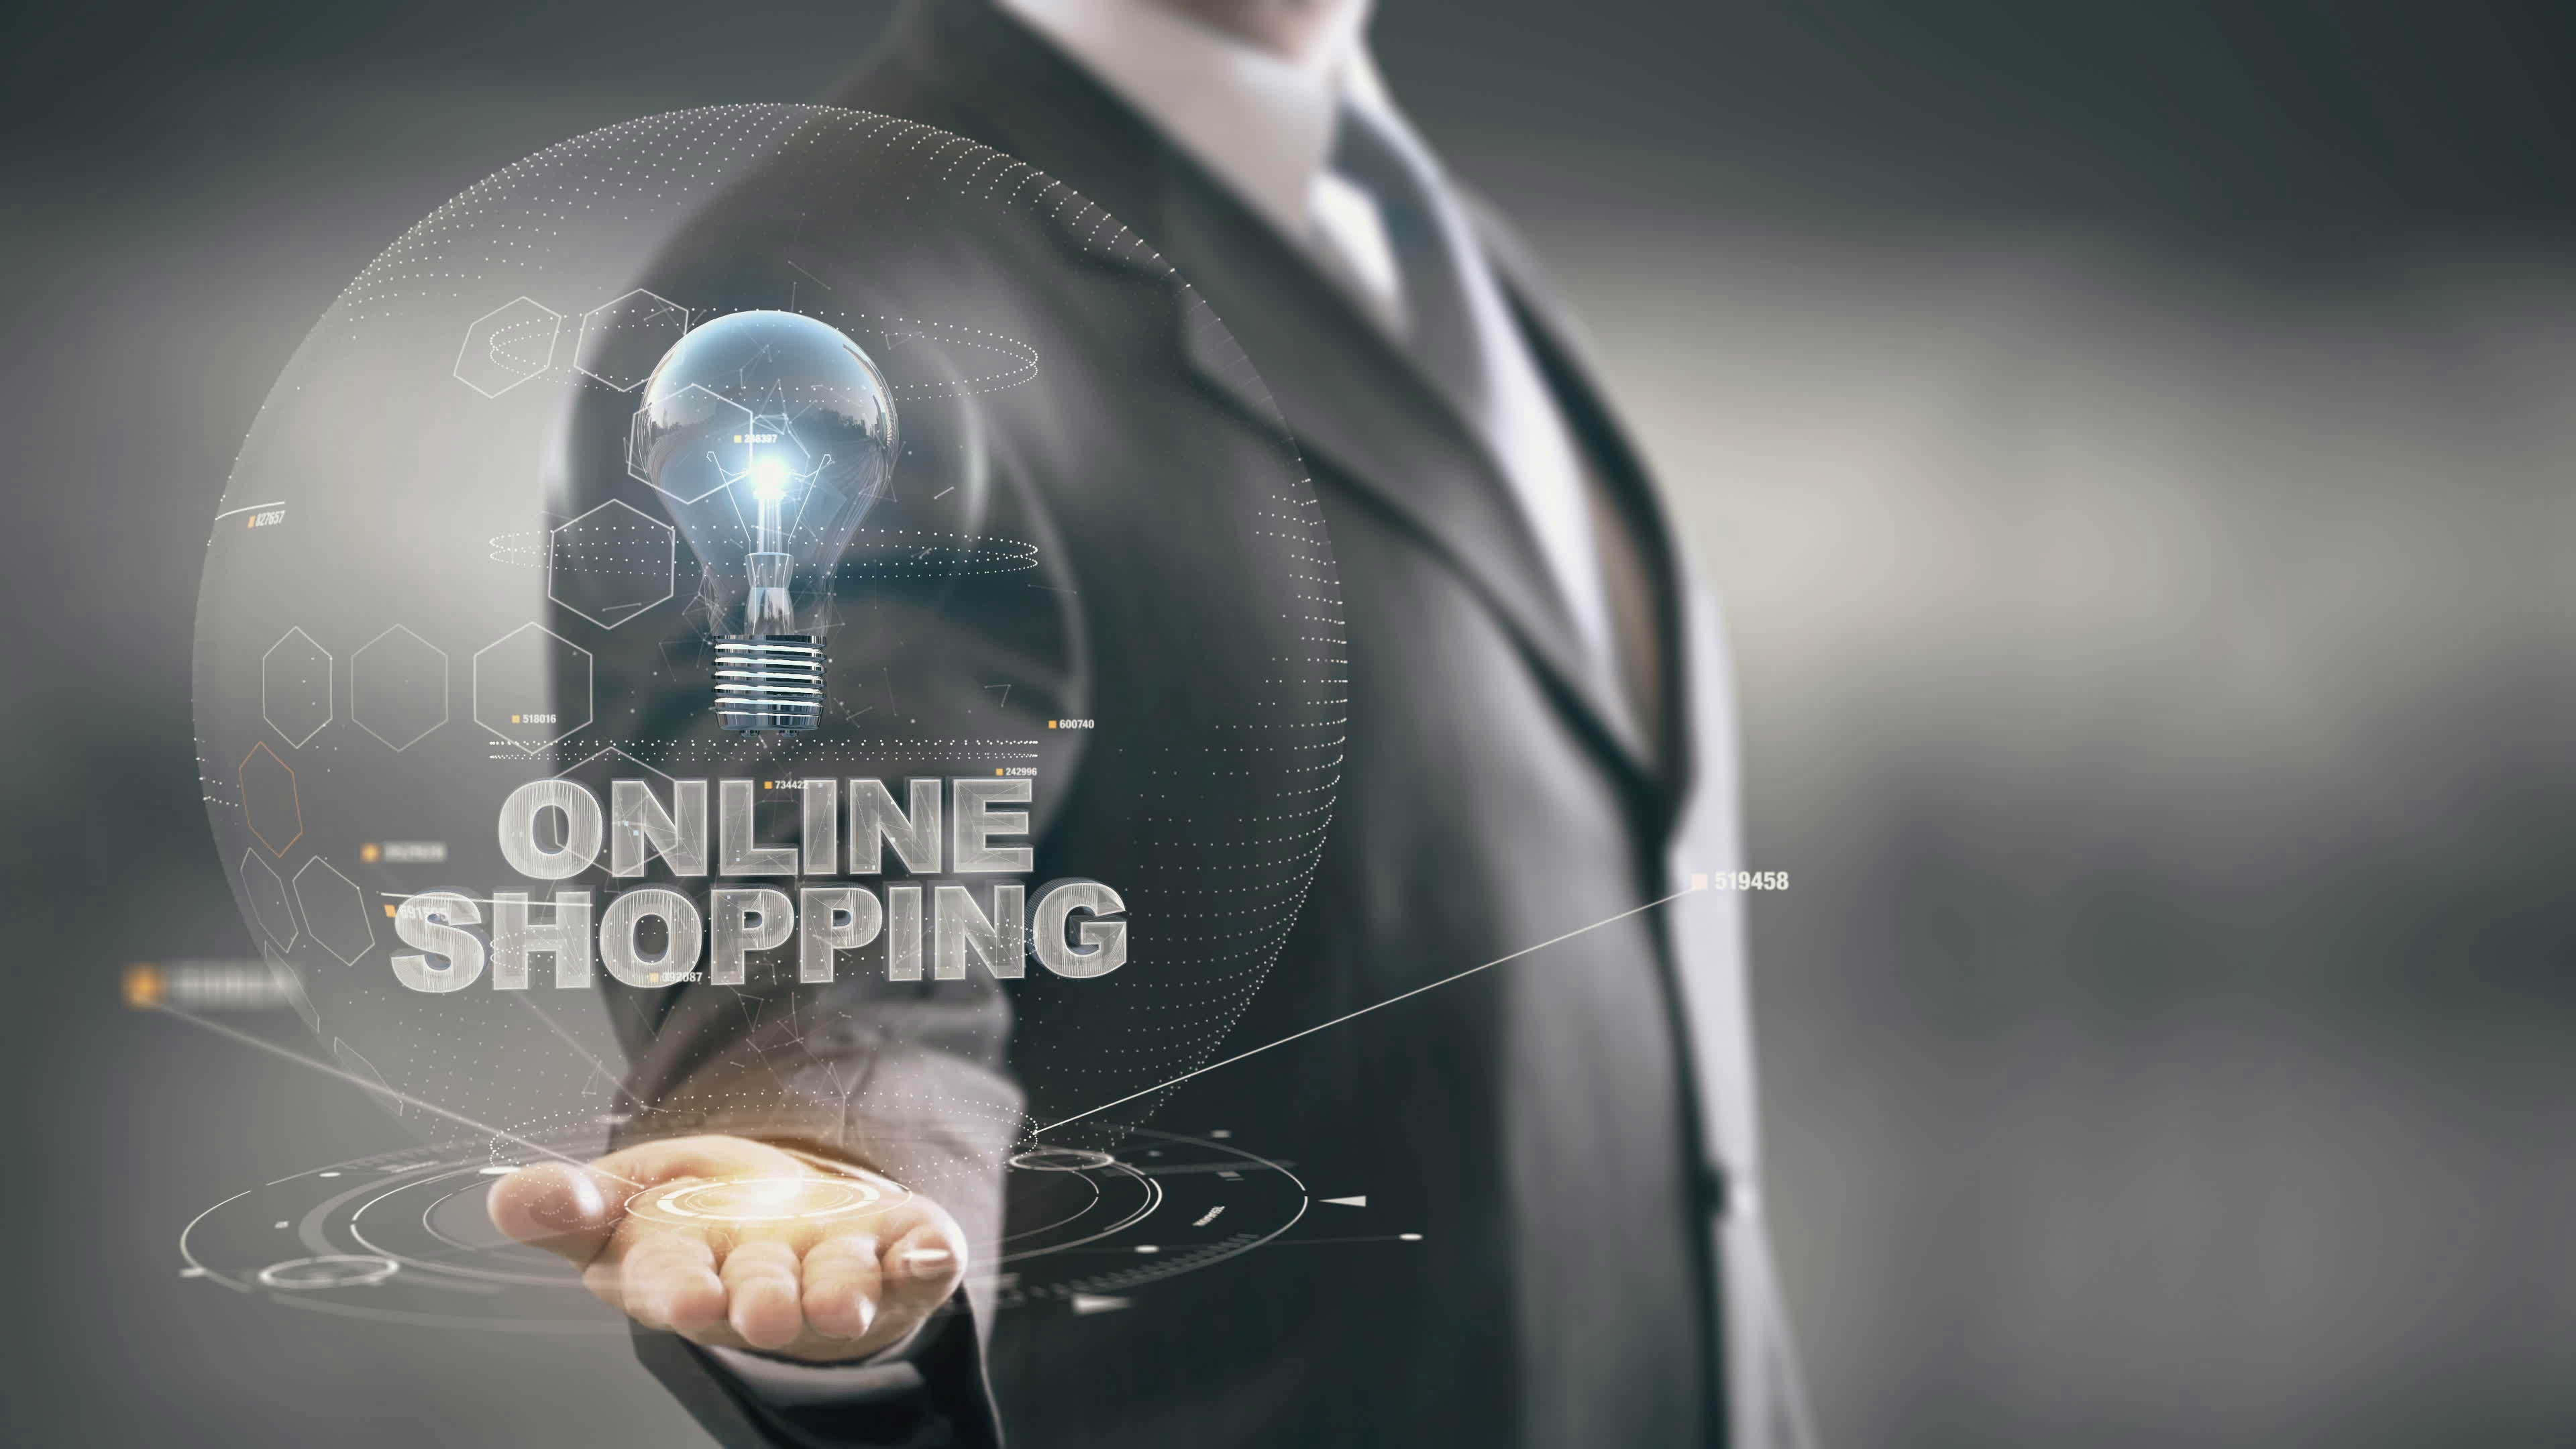 internetwirtschaft cyberport ibeacon konsumbarometer thomann spots online-händler